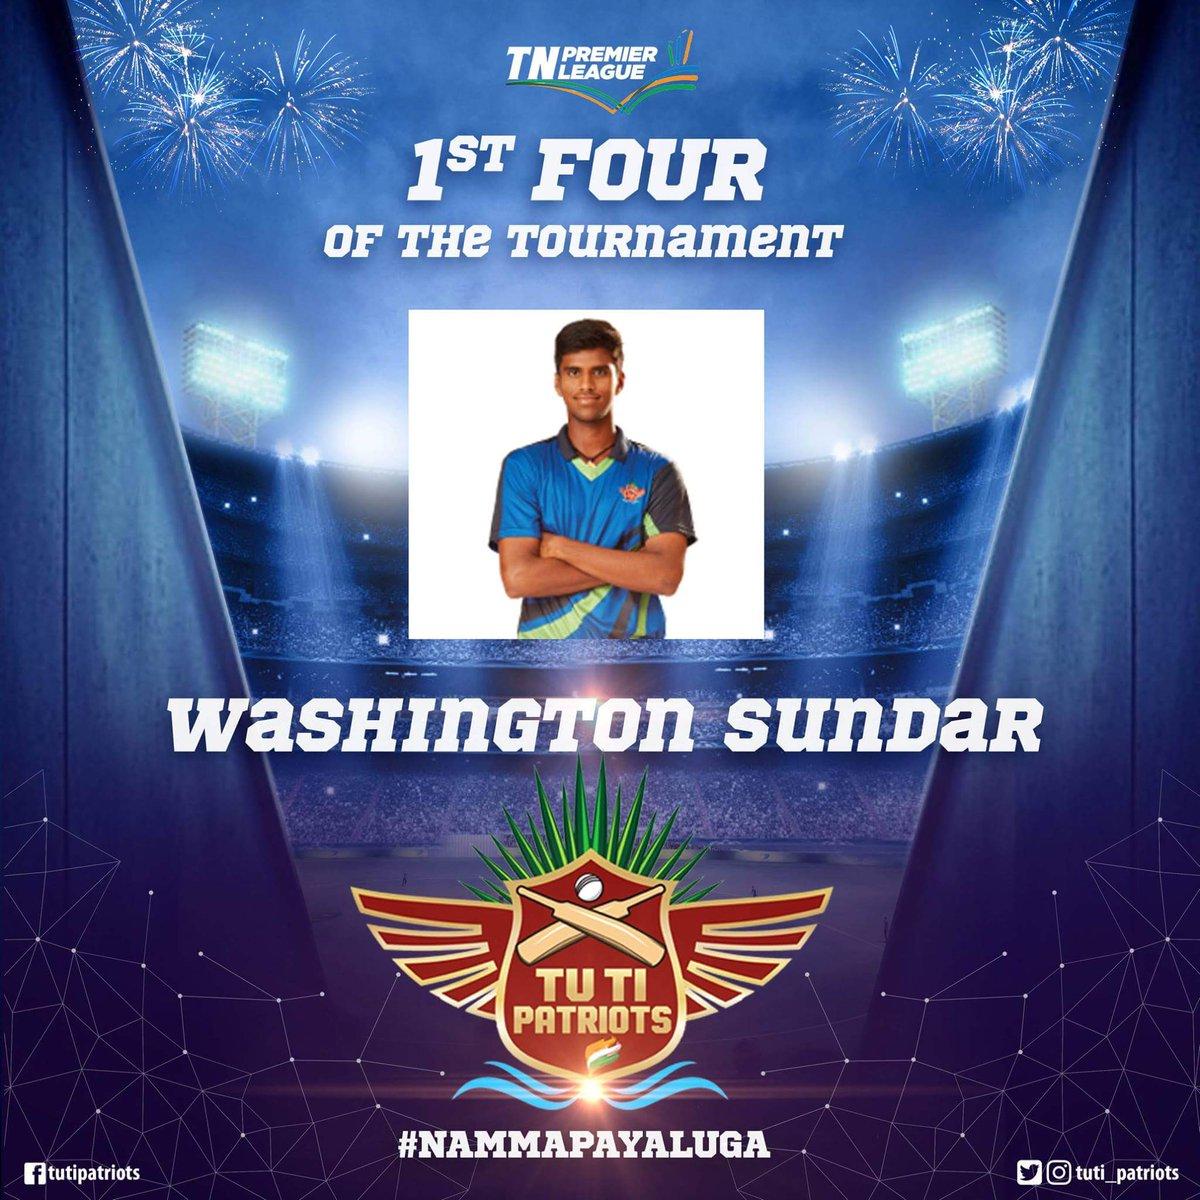 Tuti Patriots On Twitter Washington Sundar Hits The First 4 Of Tnpl 2016 Tutvscsg